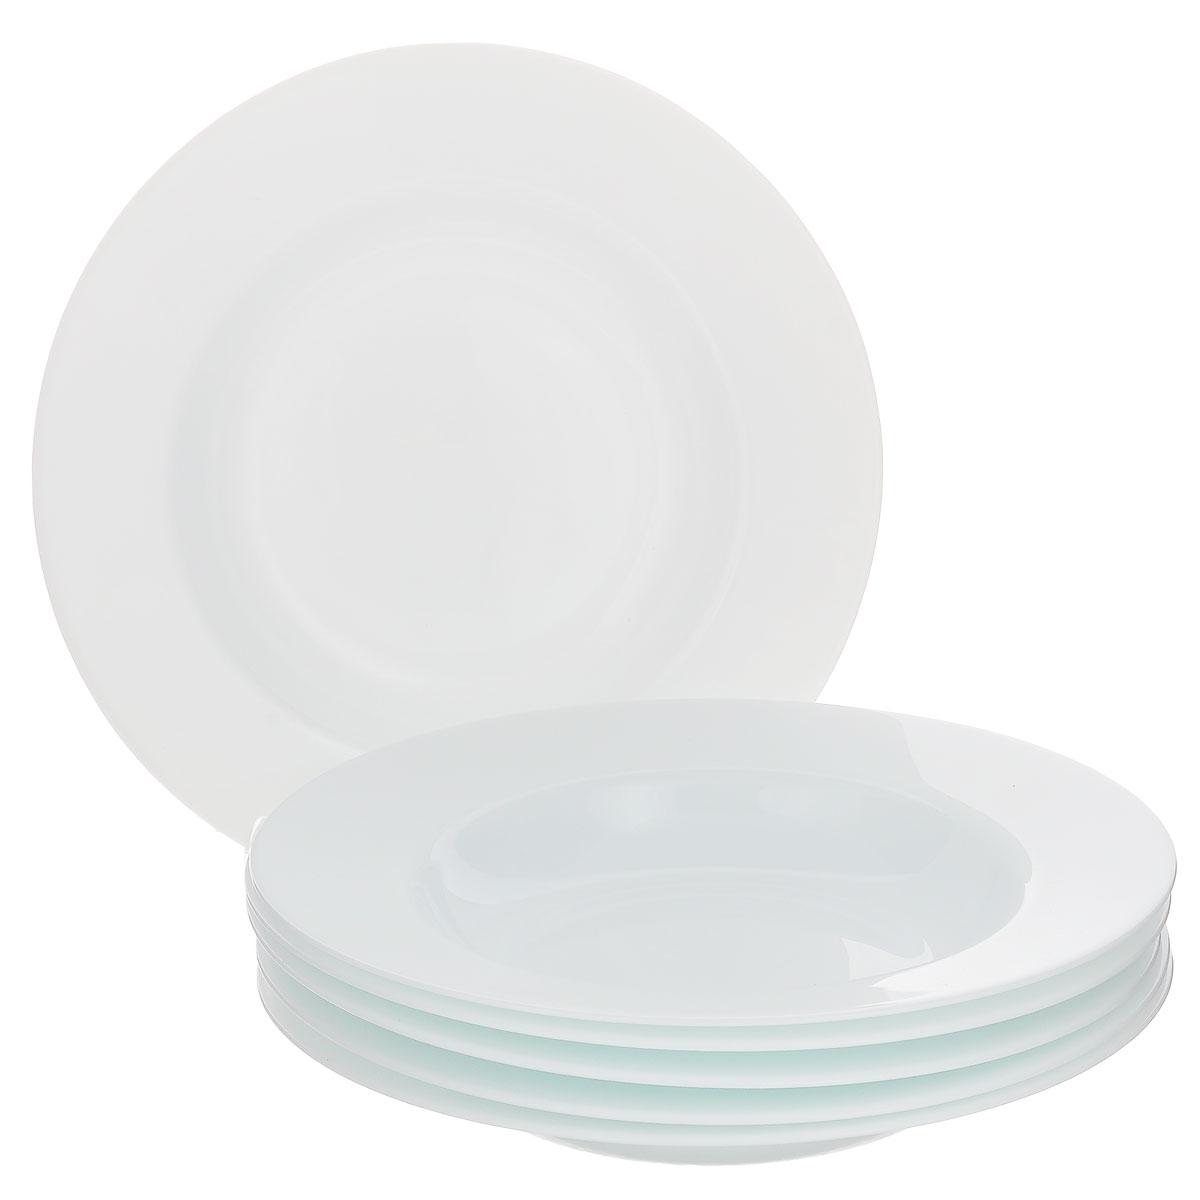 Набор суповых тарелок Bormioli Rocco Orione, цвет: белый, диаметр 24.5 см, 6 шт450170F27321990Набор Bormioli Rocco Orione состоит из 6 суповых тарелок, изготовленных из упрочненного стекла с покрытием белого цвета. Набор Bormioli Rocco Orione ярко оформит сервировку обеденного стола и станет прекрасным дополнением к коллекции вашей посуды.